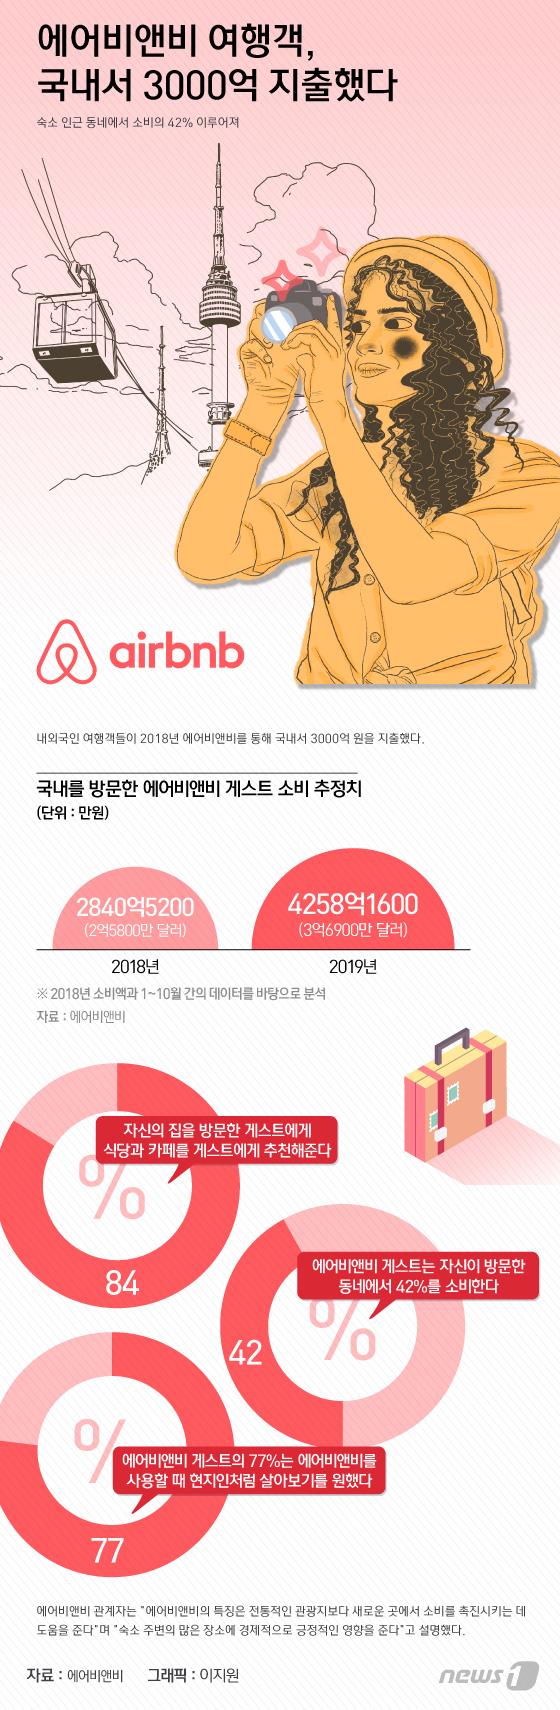 [그래픽뉴스] 에어비앤비 여행객, 국내서 3000억 지출했다